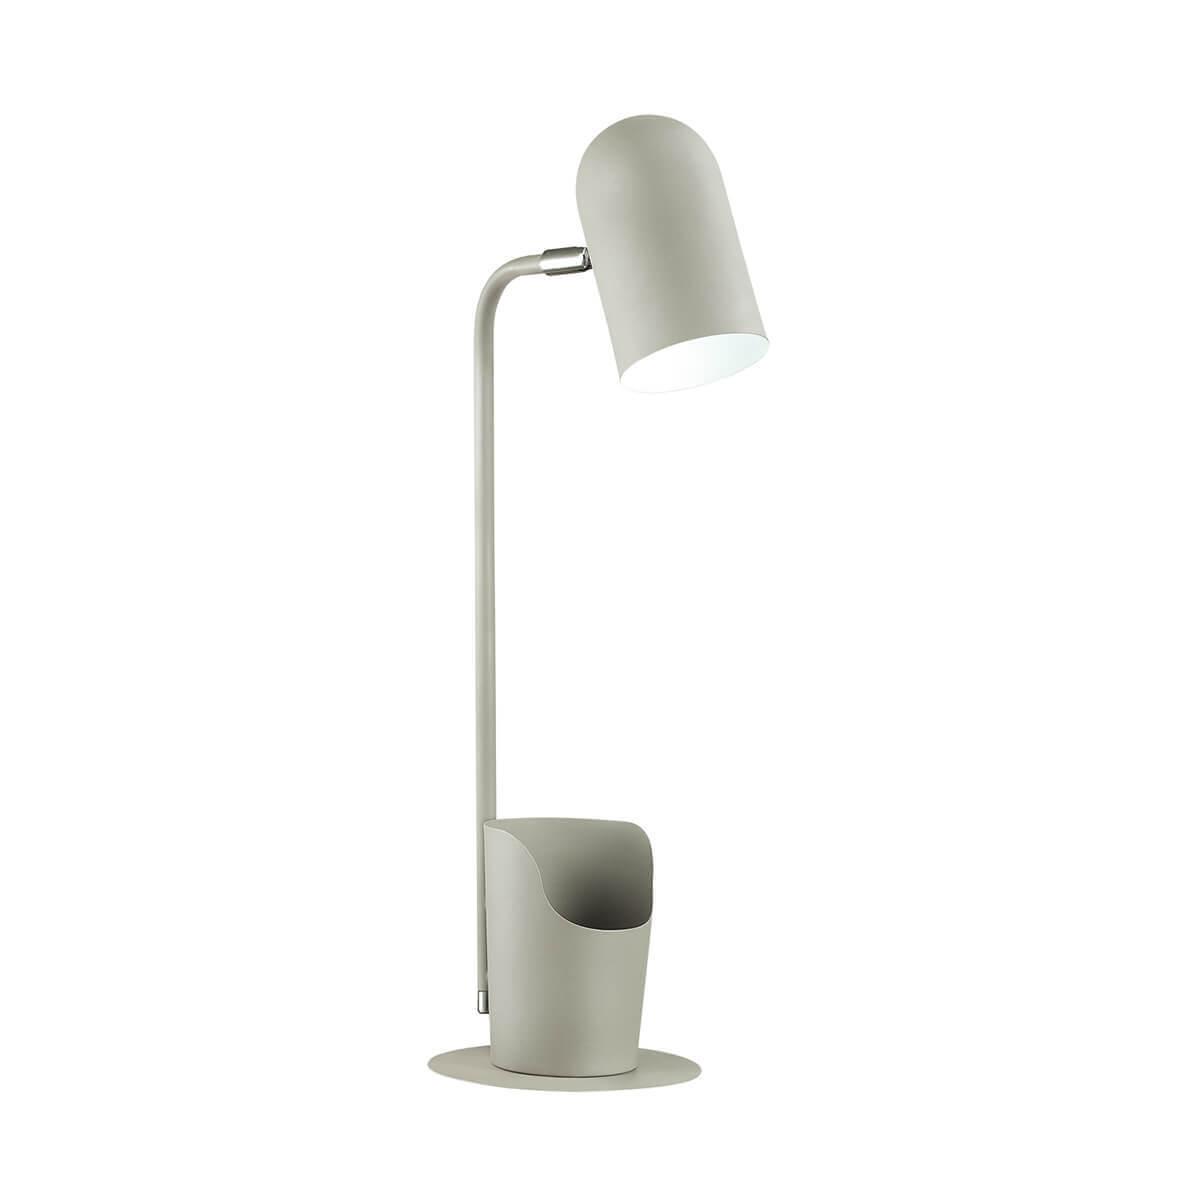 Настольная лампа Lumion 3688/1T Desk настольная лампа lumion ejen 3688 1t серая e27 40w 220v